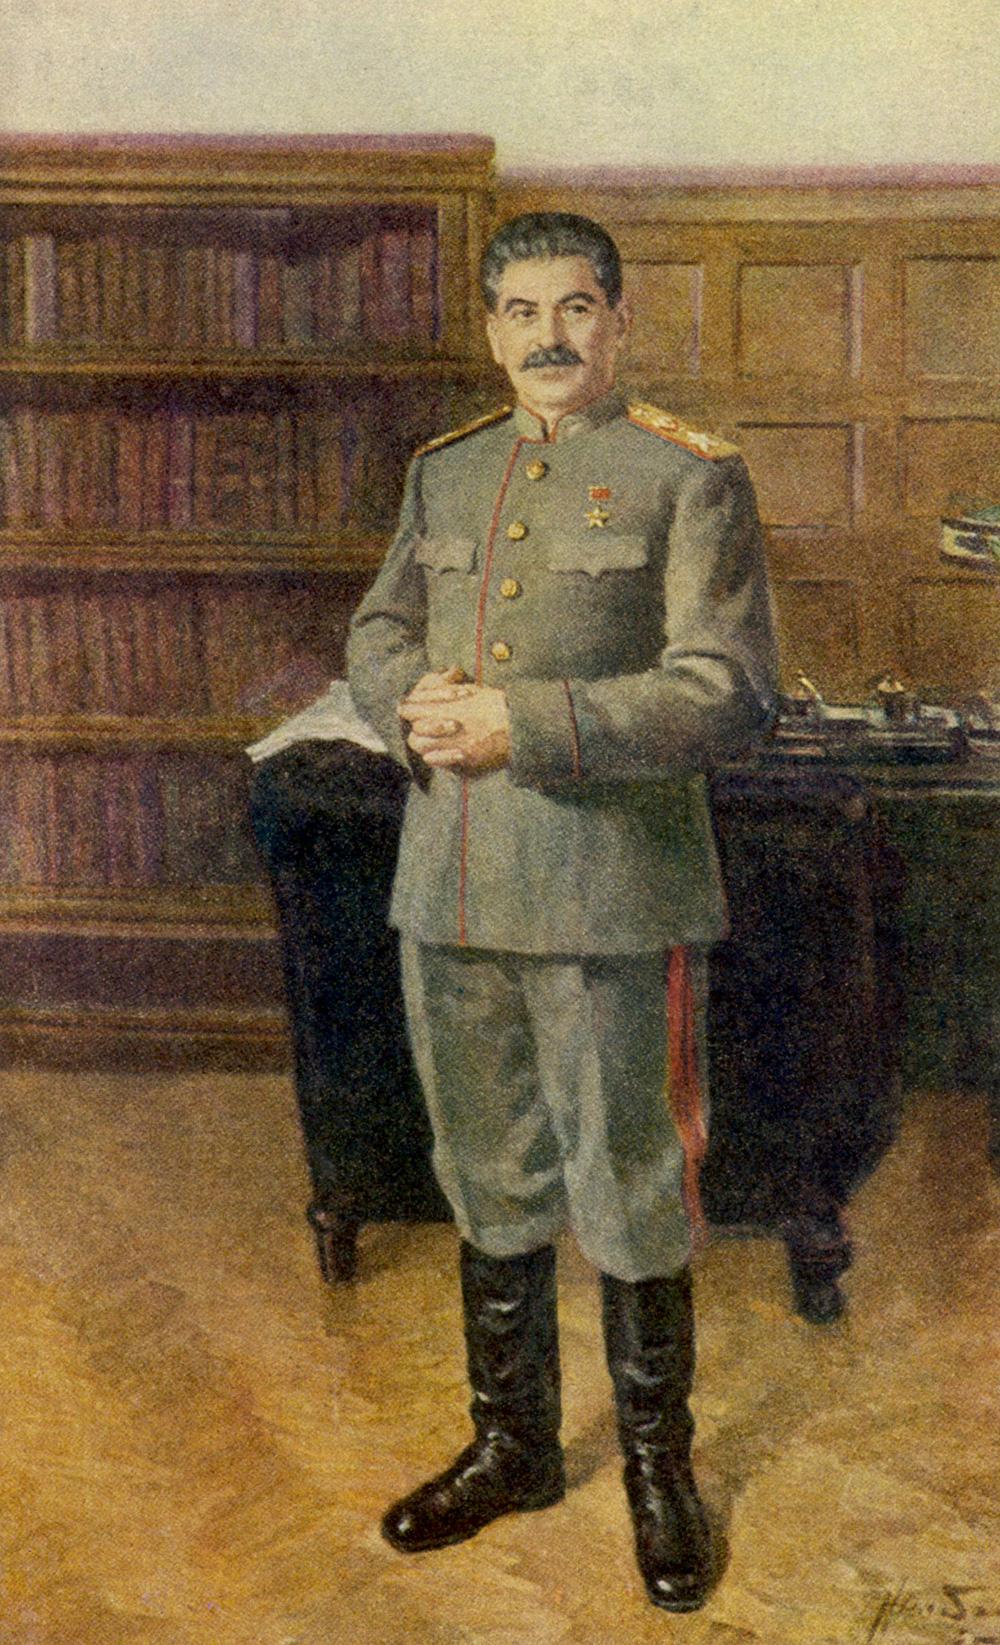 Iósif Stalin en su oficina con su uniforme como Generalíssimus de la URSS. Fuente: Mary Evans Picture Library/Global Look Press